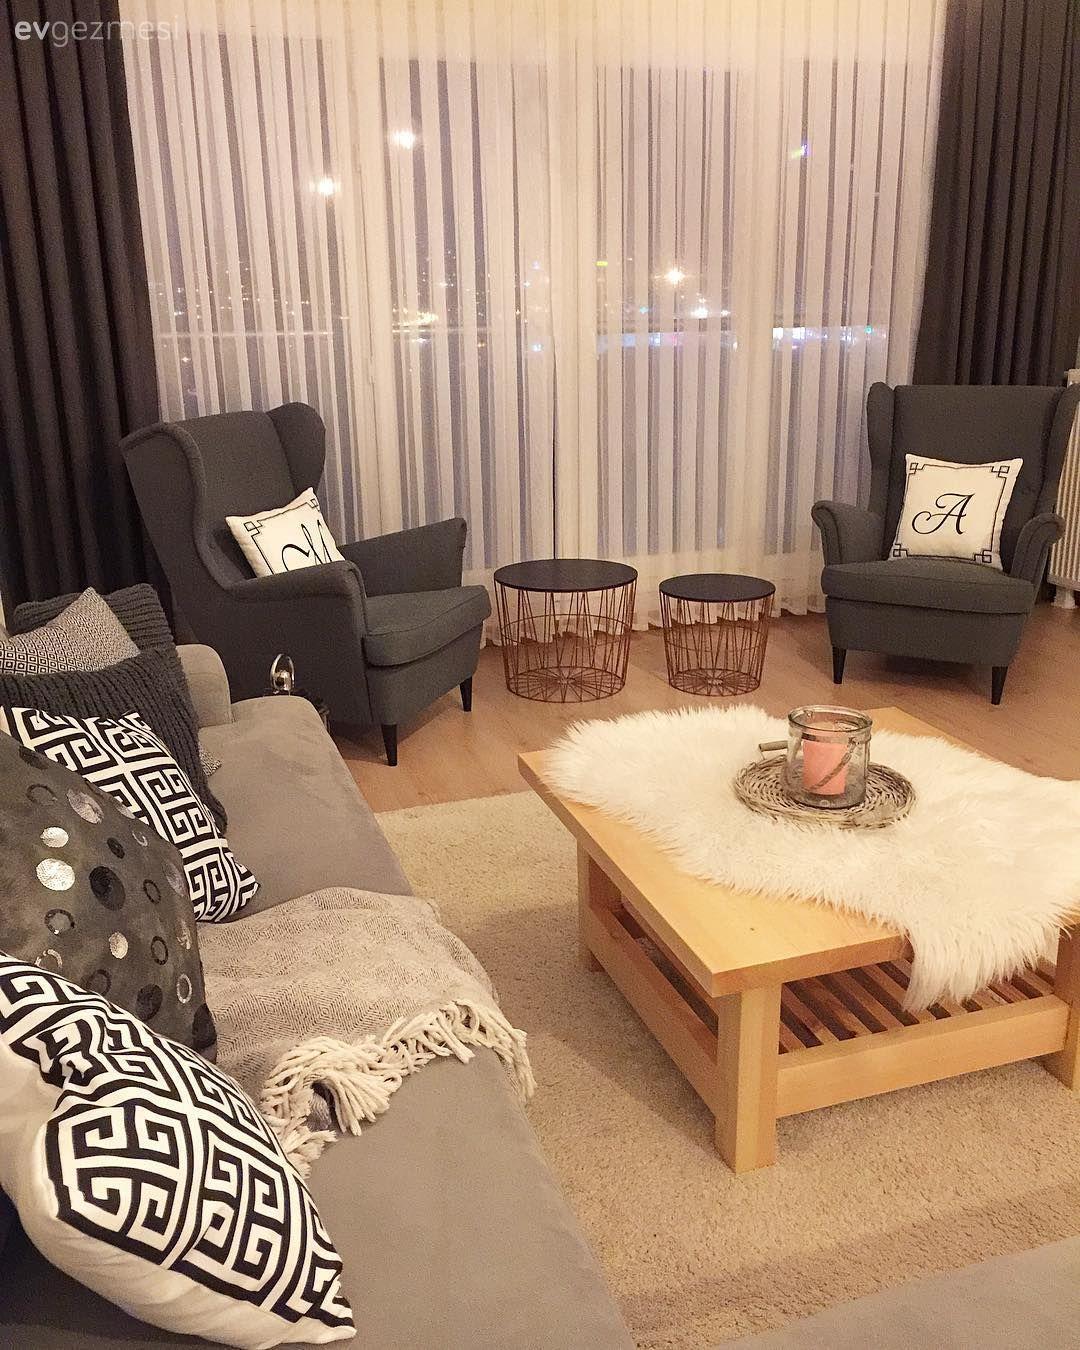 Modern Stile Keyif Katan Detaylar Cansu Hanim In Evi Ev Gezmesi Oturma Odasi Fikirleri Oturma Odasi Tasarimlari Oturma Odasi Dekorasyonu